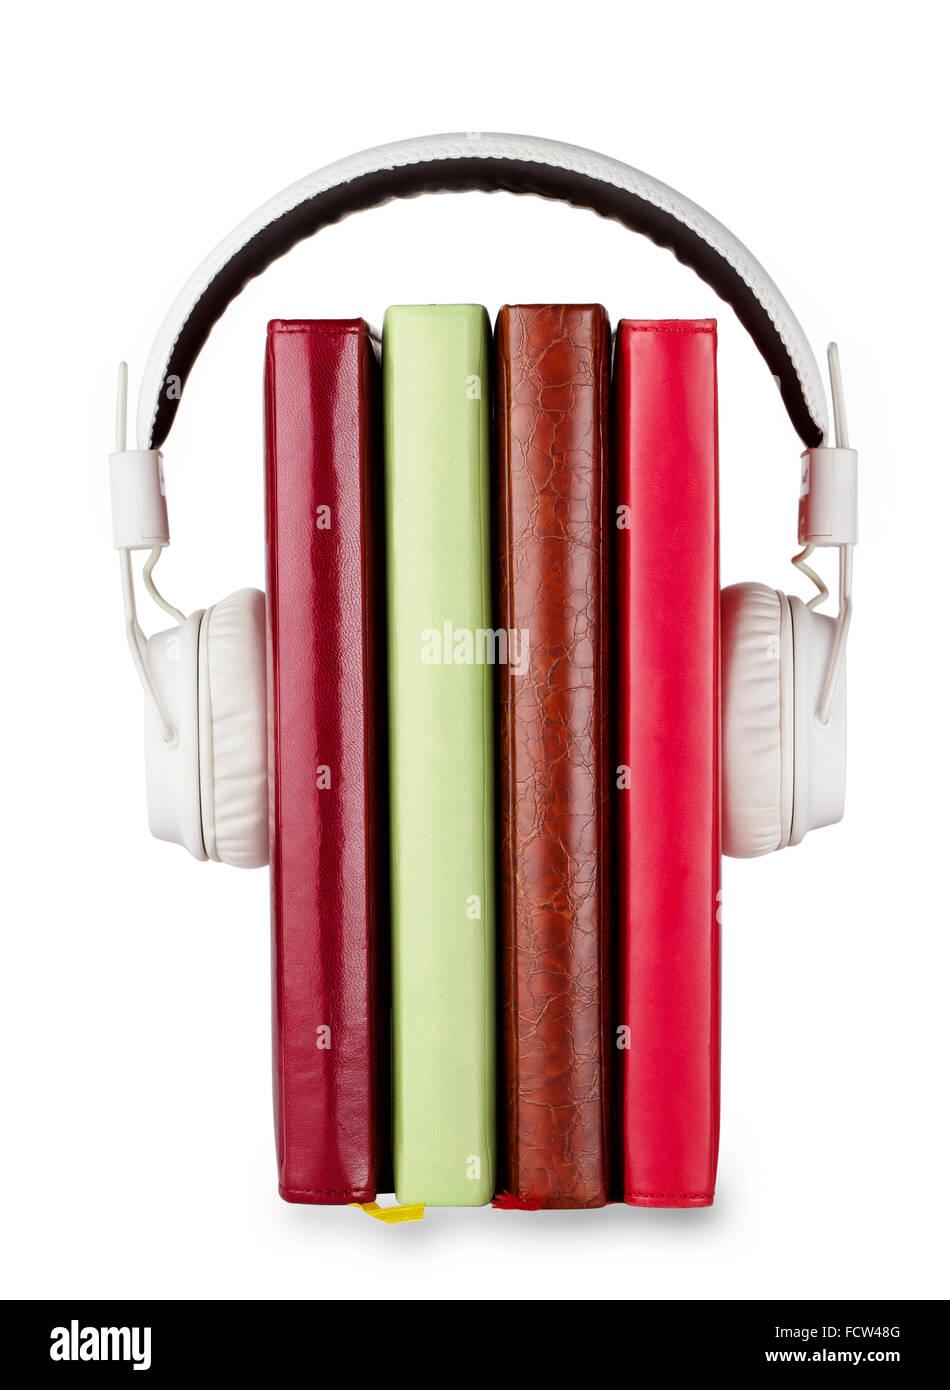 Concept de livres audio sur le sujet avec des écouteurs et nombre de livres Photo Stock